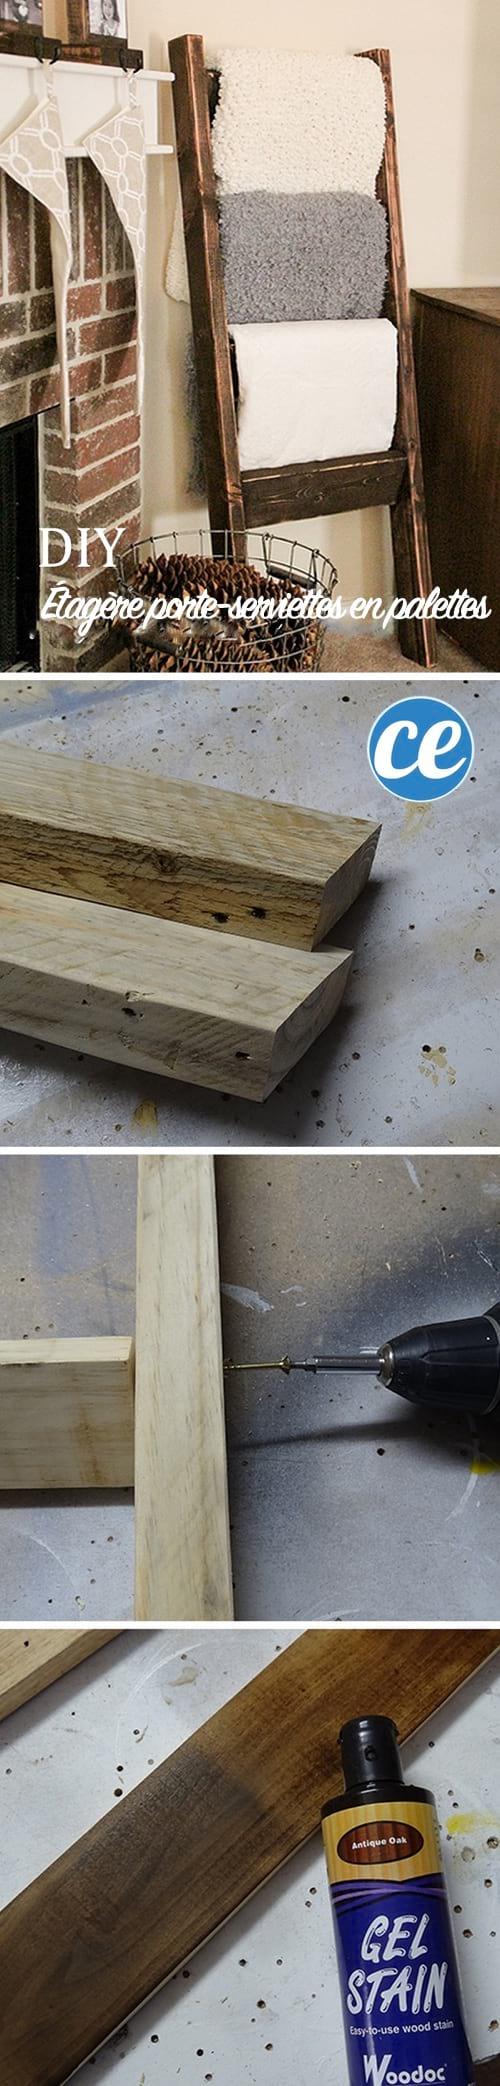 Idée Déco Avec Des Palettes 19 super idées de déco avec de vieilles palettes en bois.